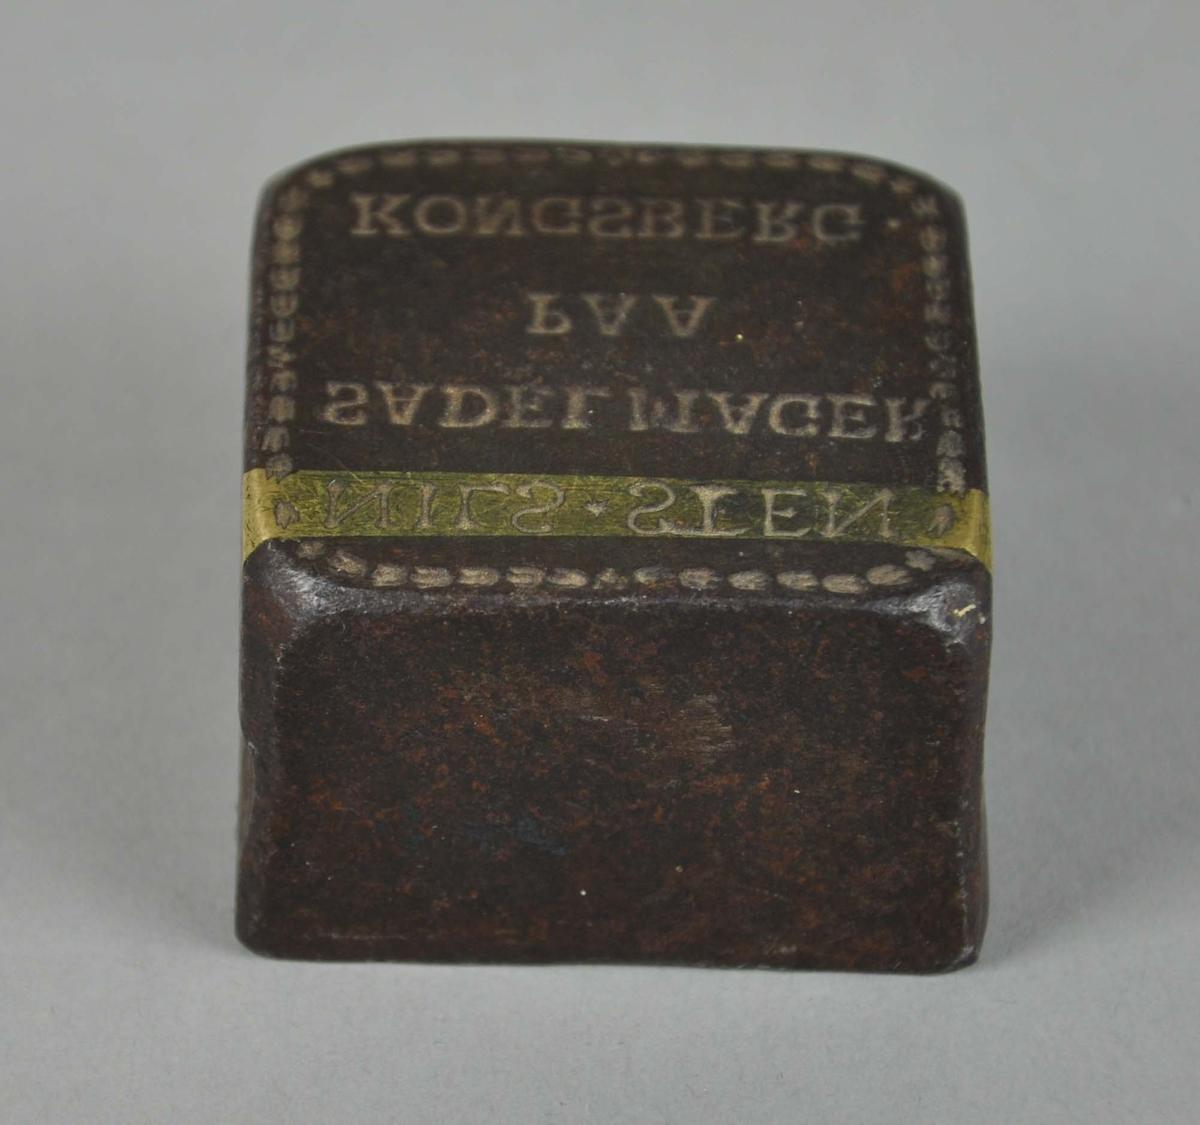 Kvadratisk stempel av tykt jern, med speilvendt innskrift. Det går en gullfarvet stripe langs øverste linje med skrift. Langs kanten av stemplet går det en dekorlinje.